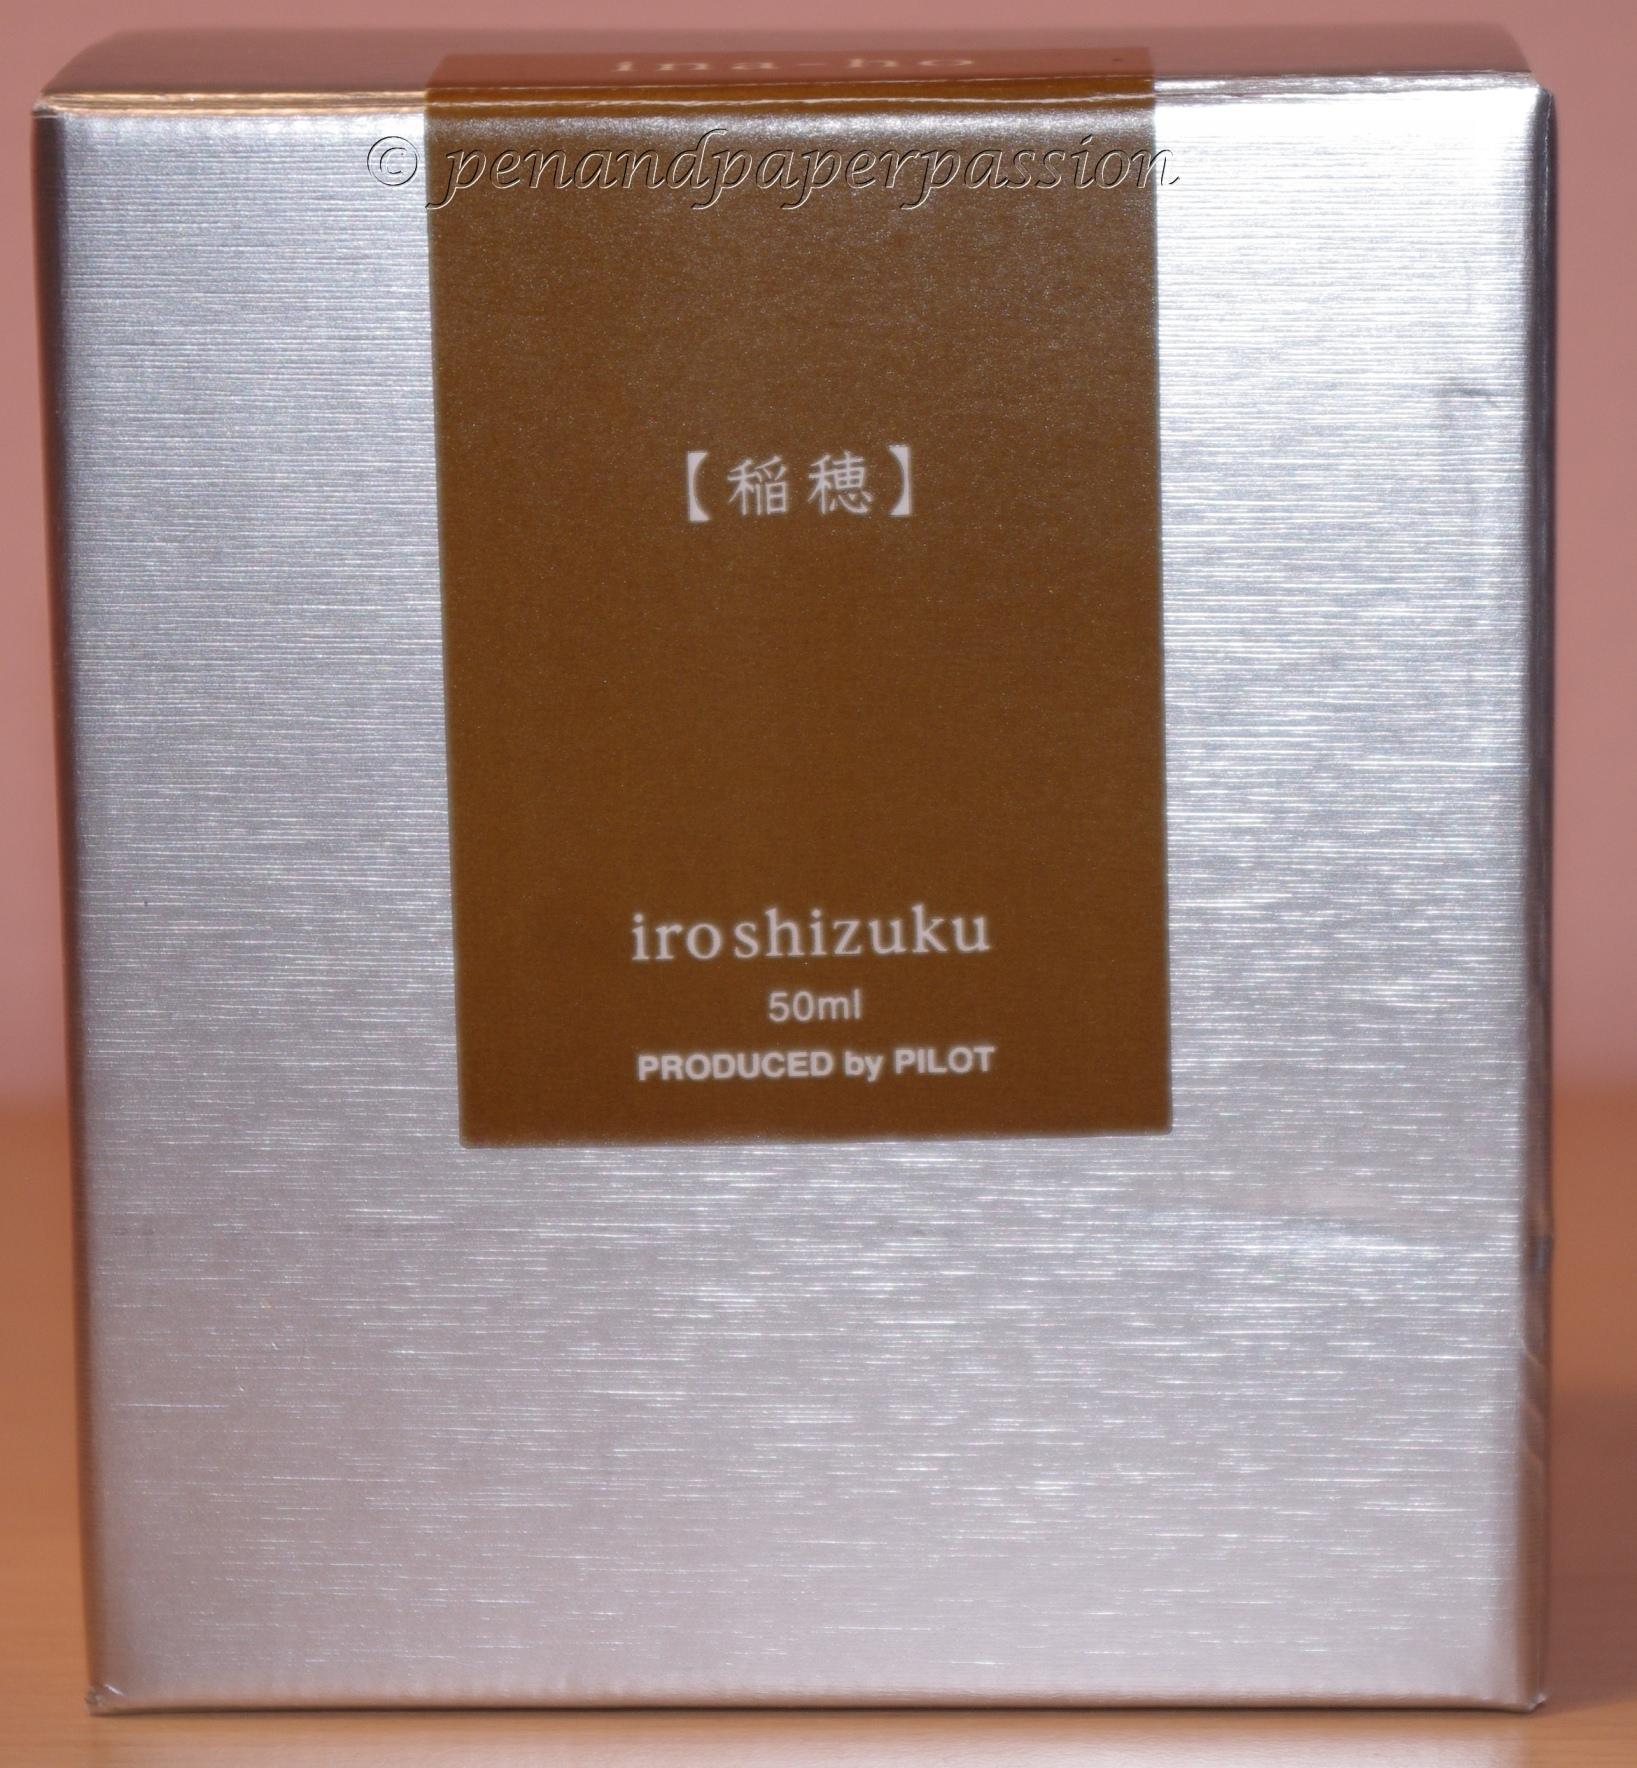 Iroshizuku ina-ho Verpackung 1